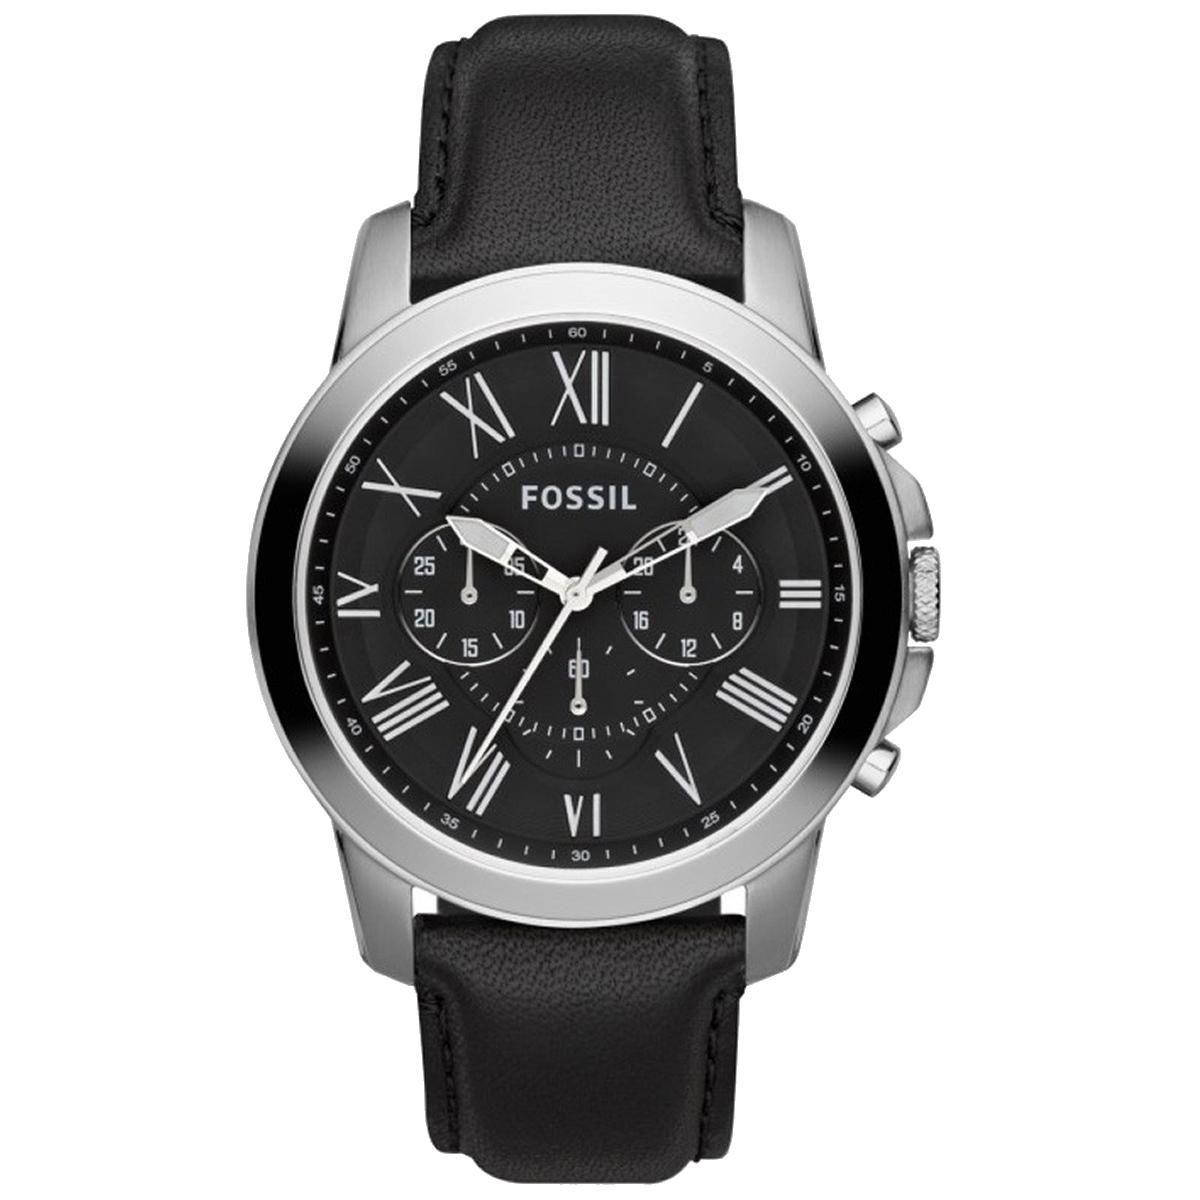 Relógio Masculino Fossil Grant Chronograph FFS4812/Z  Couro